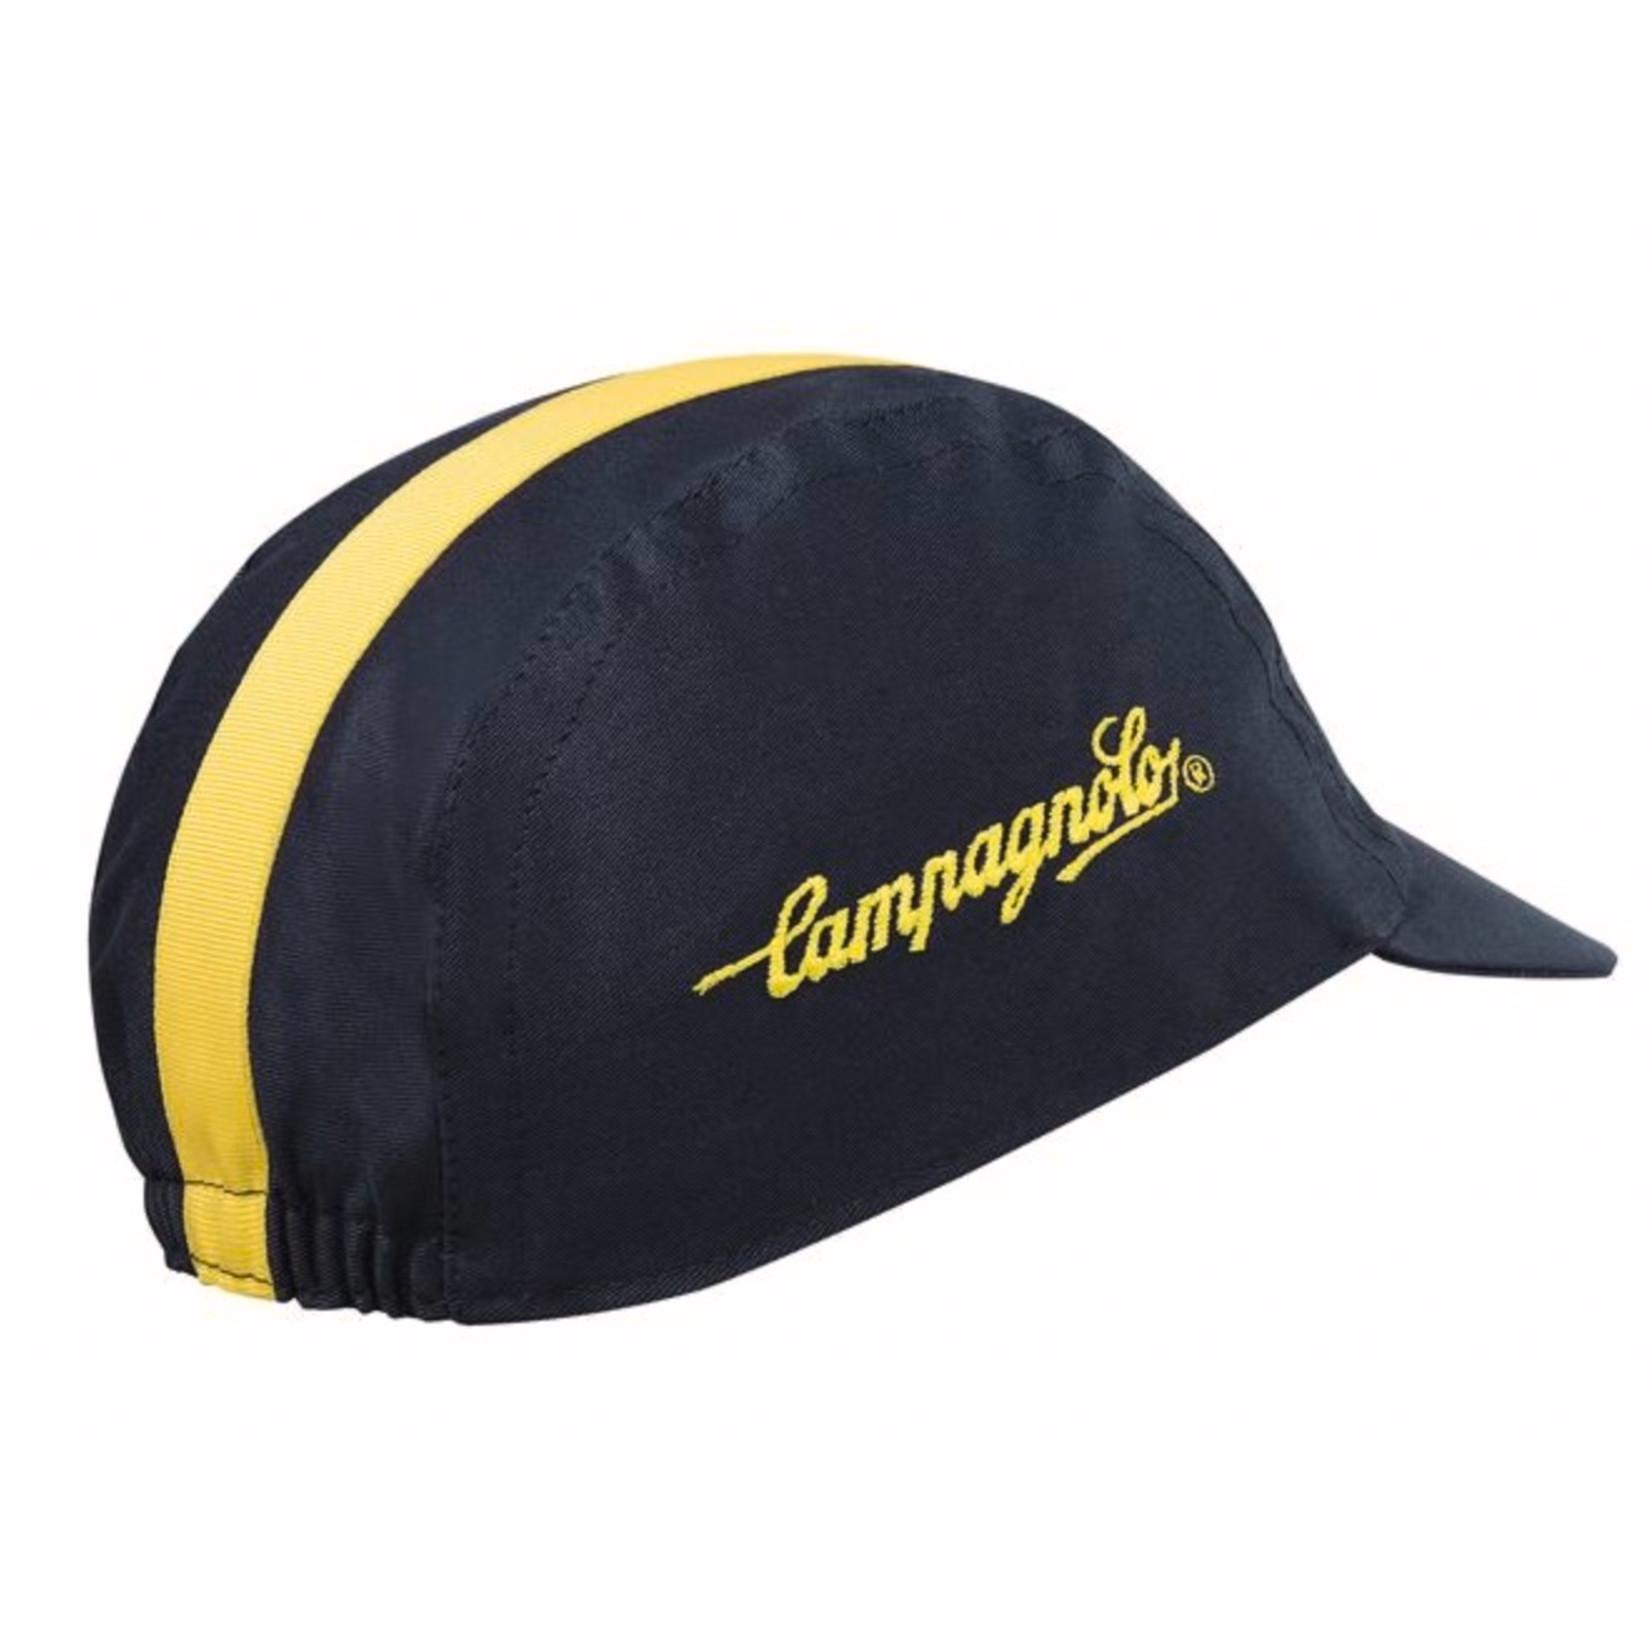 Campagnolo Campagnolo Premium Cycling Cap